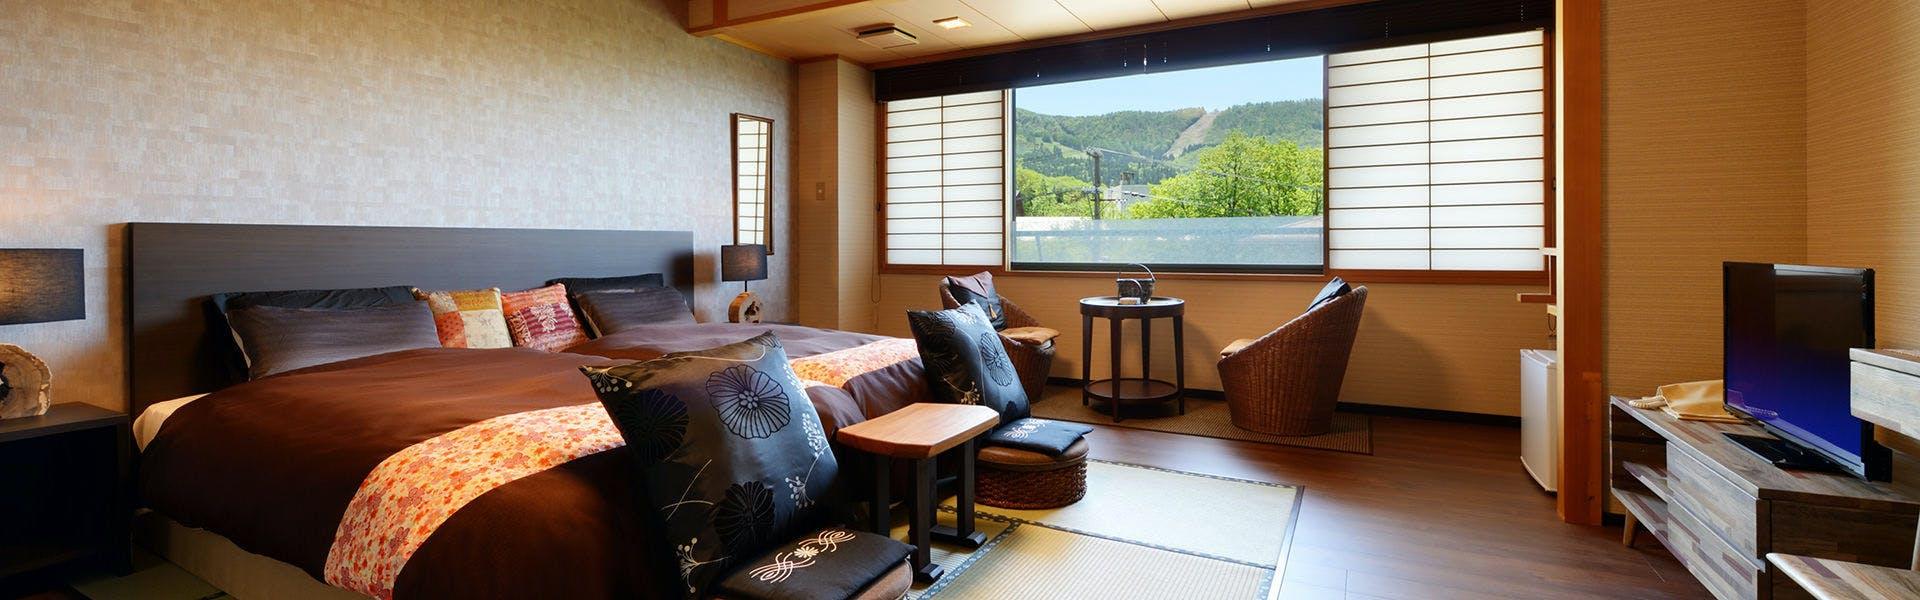 記念日におすすめのホテル・蔵王温泉 和歌(うた)の宿 わかまつやの写真2